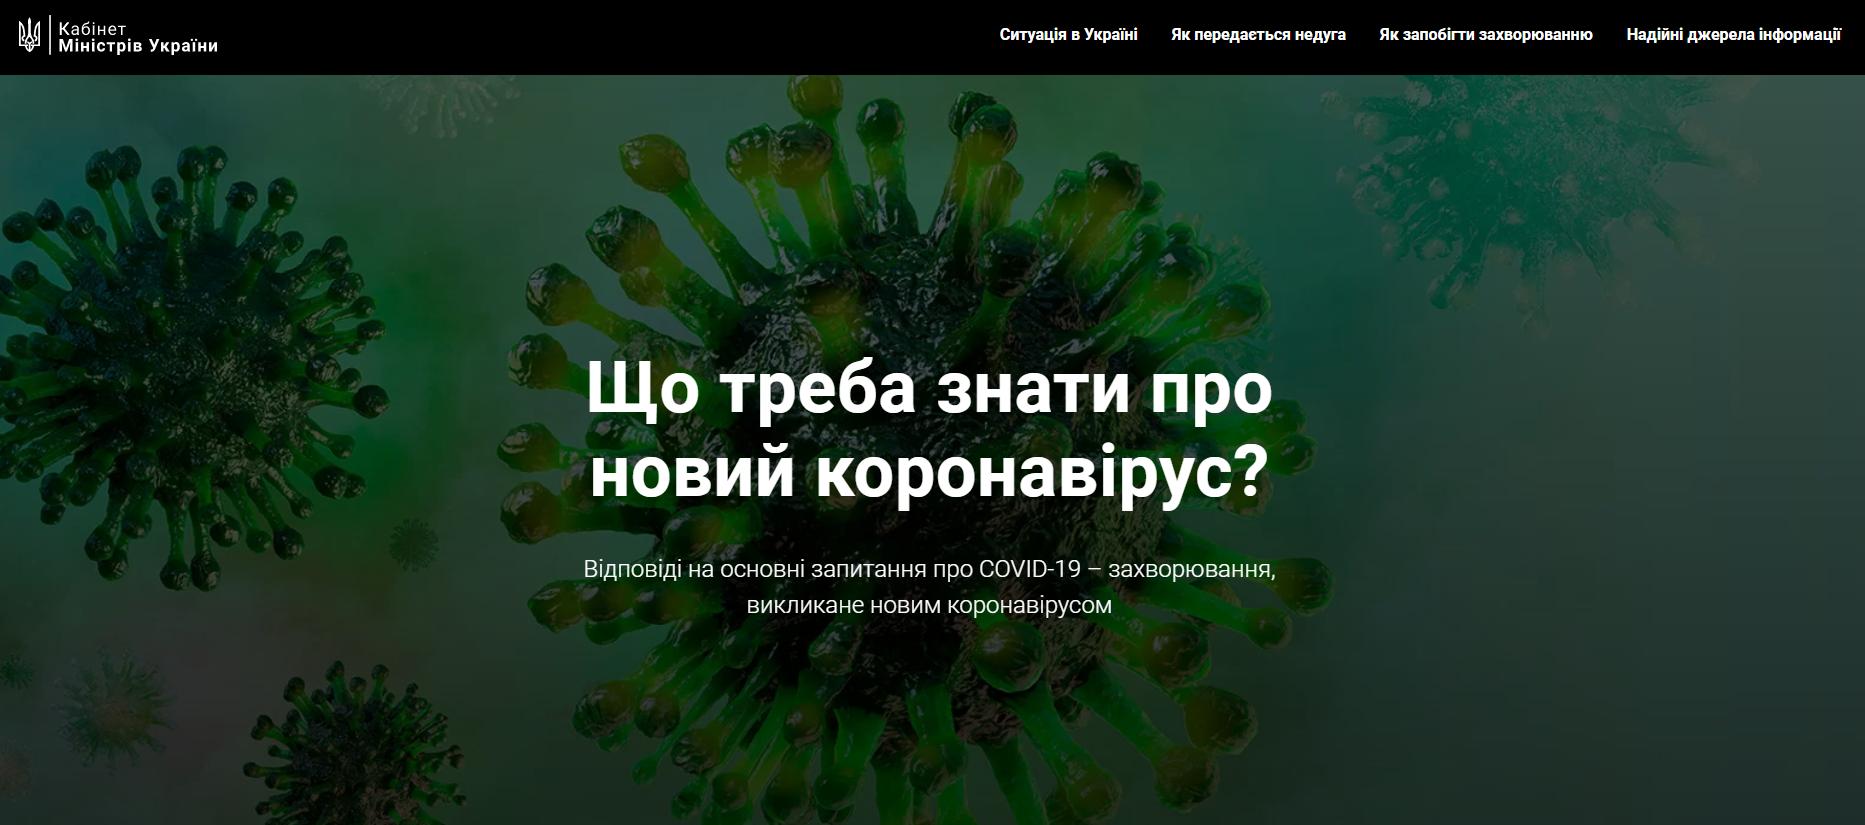 Сайт коронавірус